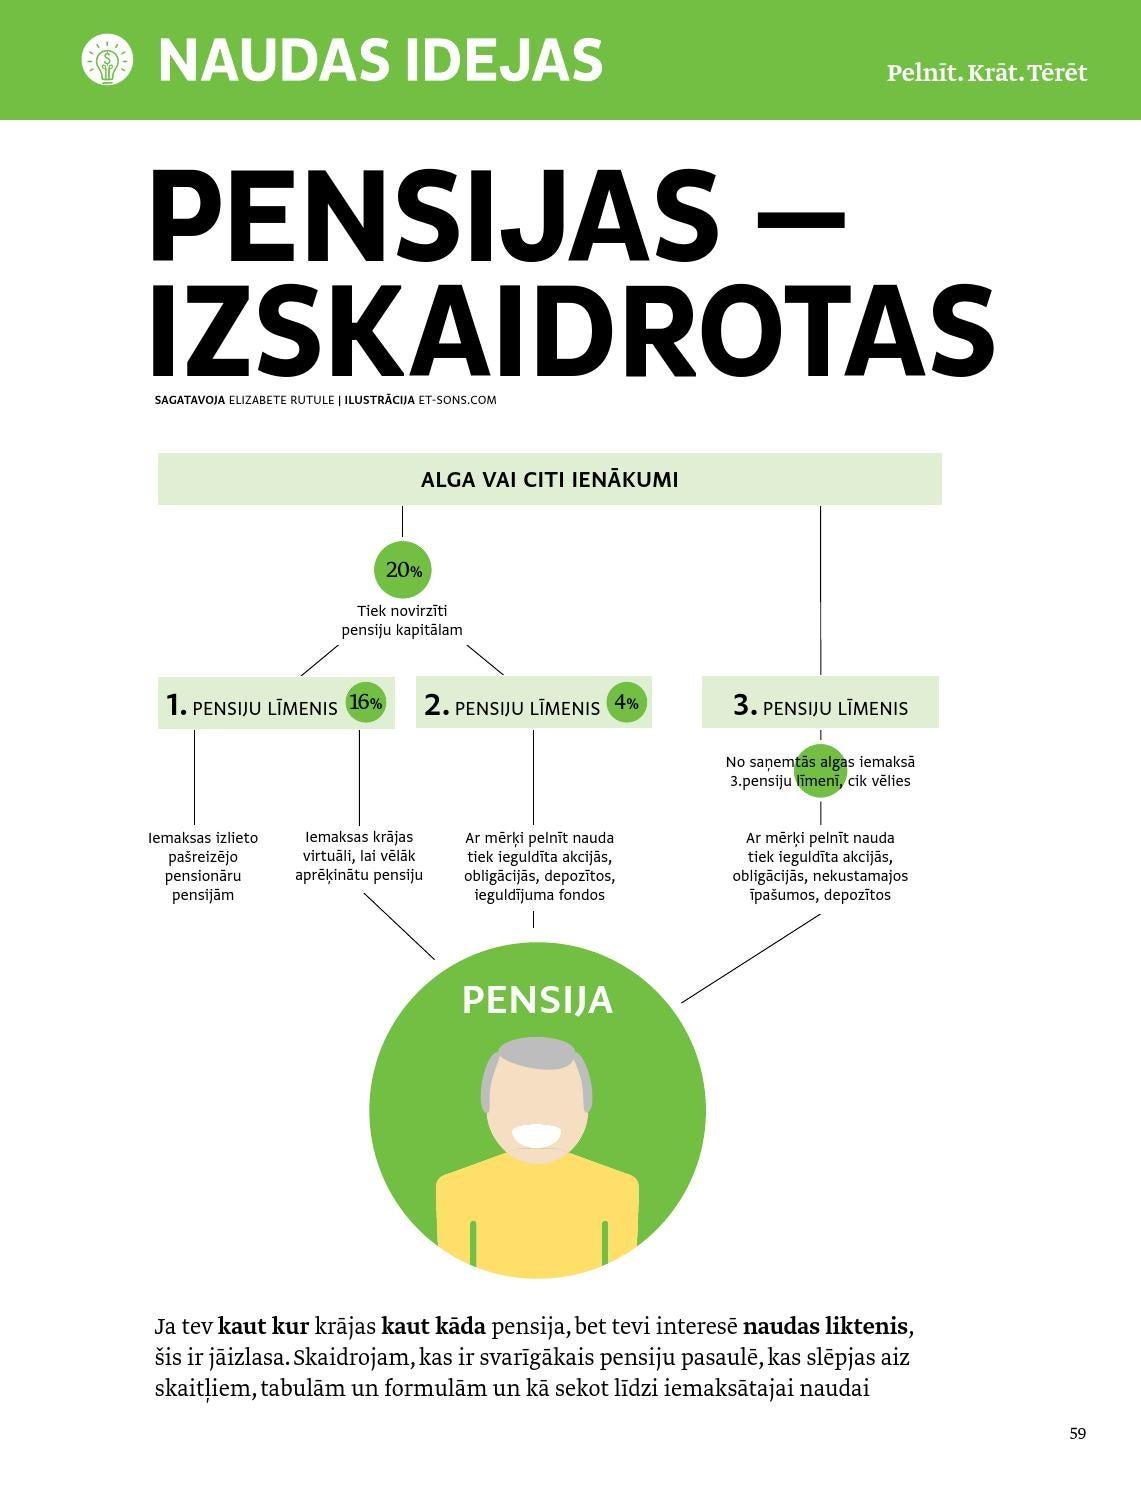 cik daudz naudas jūs varat nopelnīt par derībām)